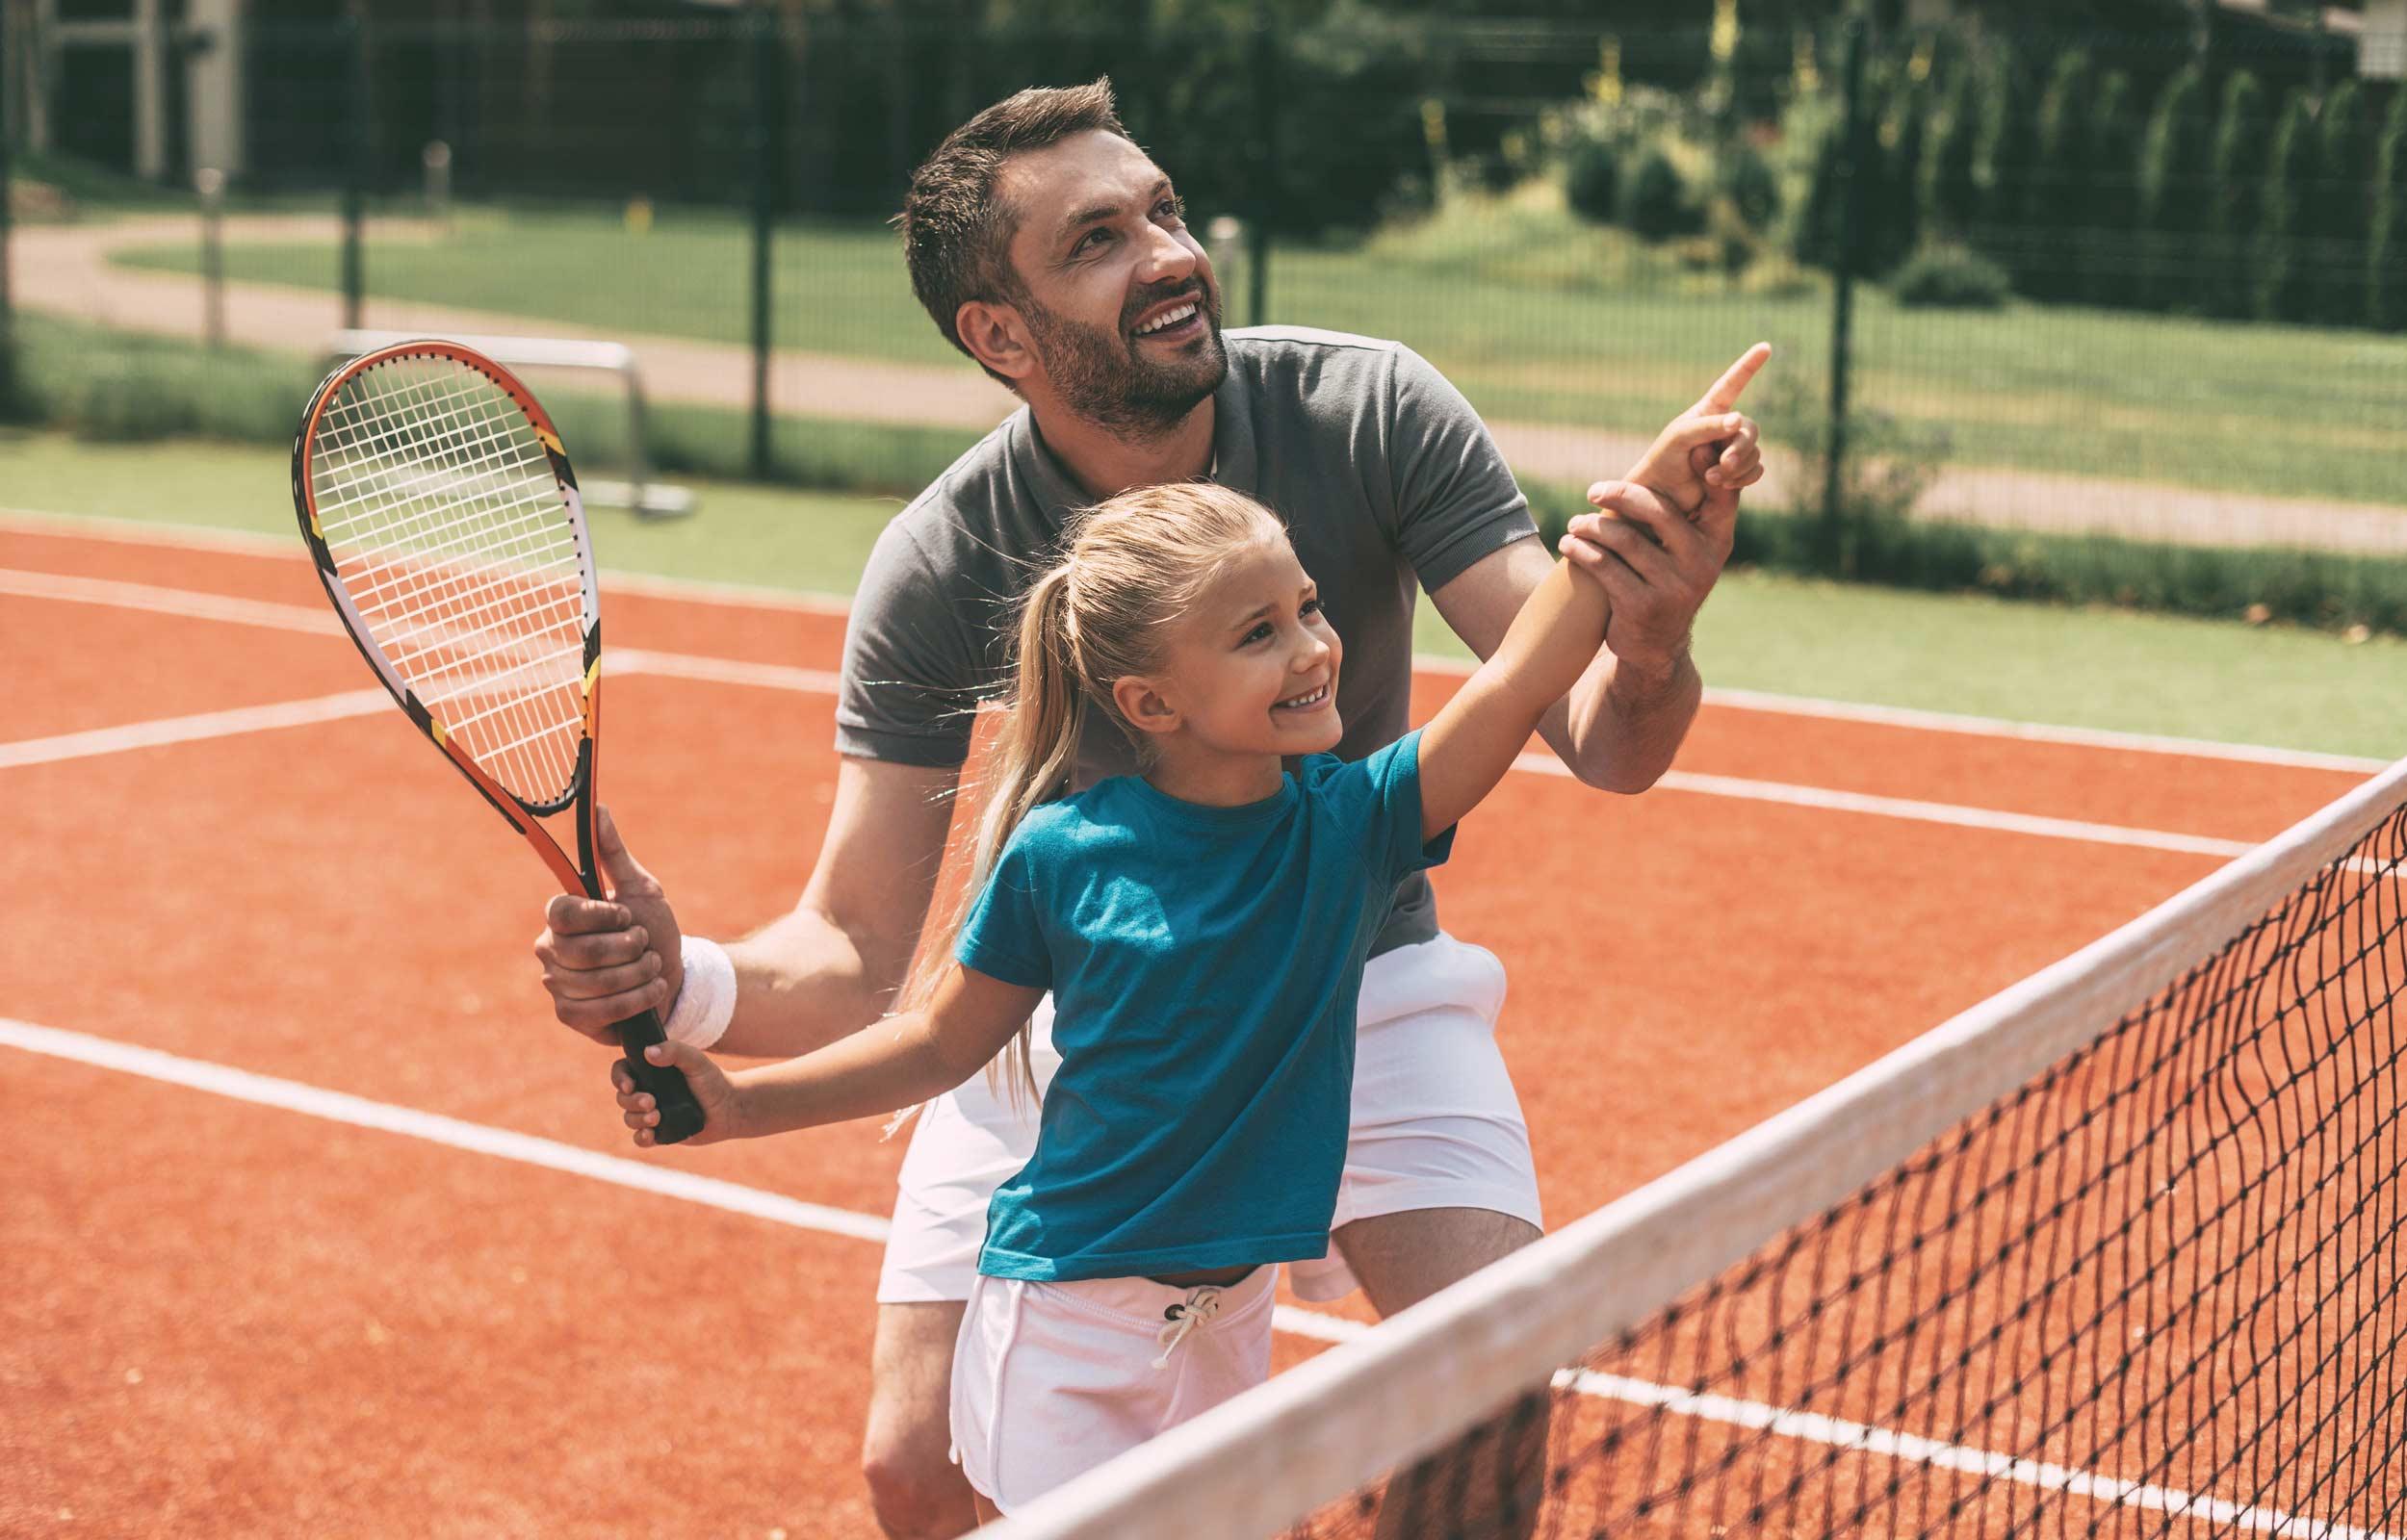 Guliver Demografie Aktien Invest Titelbild –Vater trainiert Tochter im Tennis